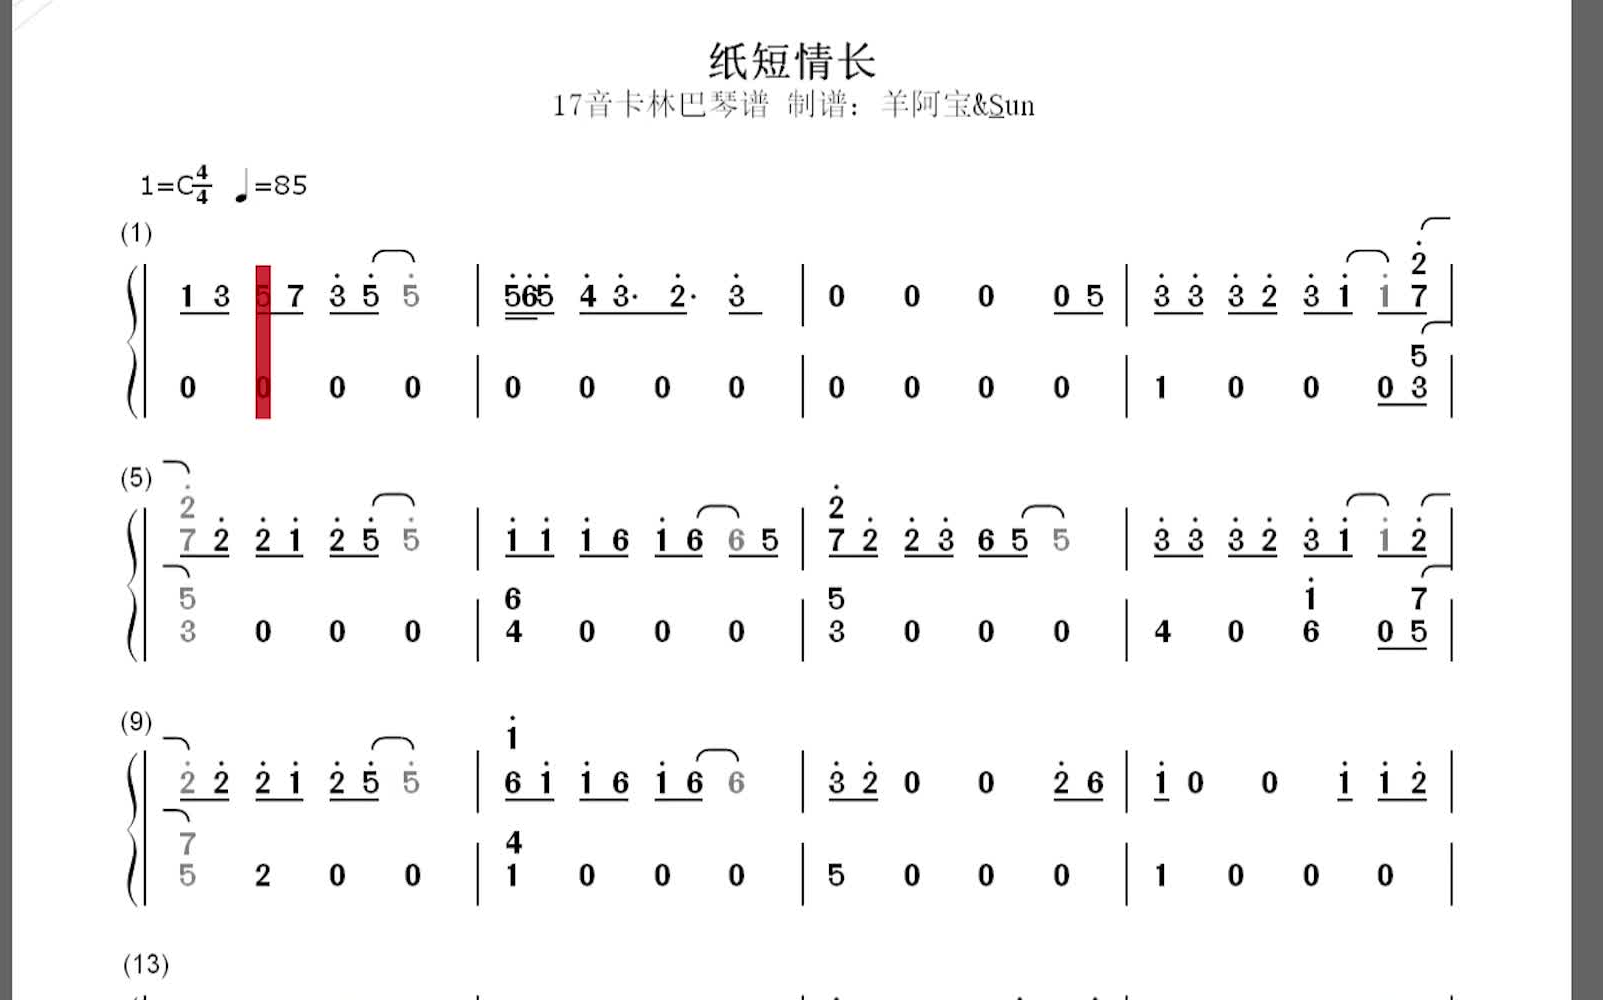 拇指琴简谱_拇指琴17键数字简谱图片